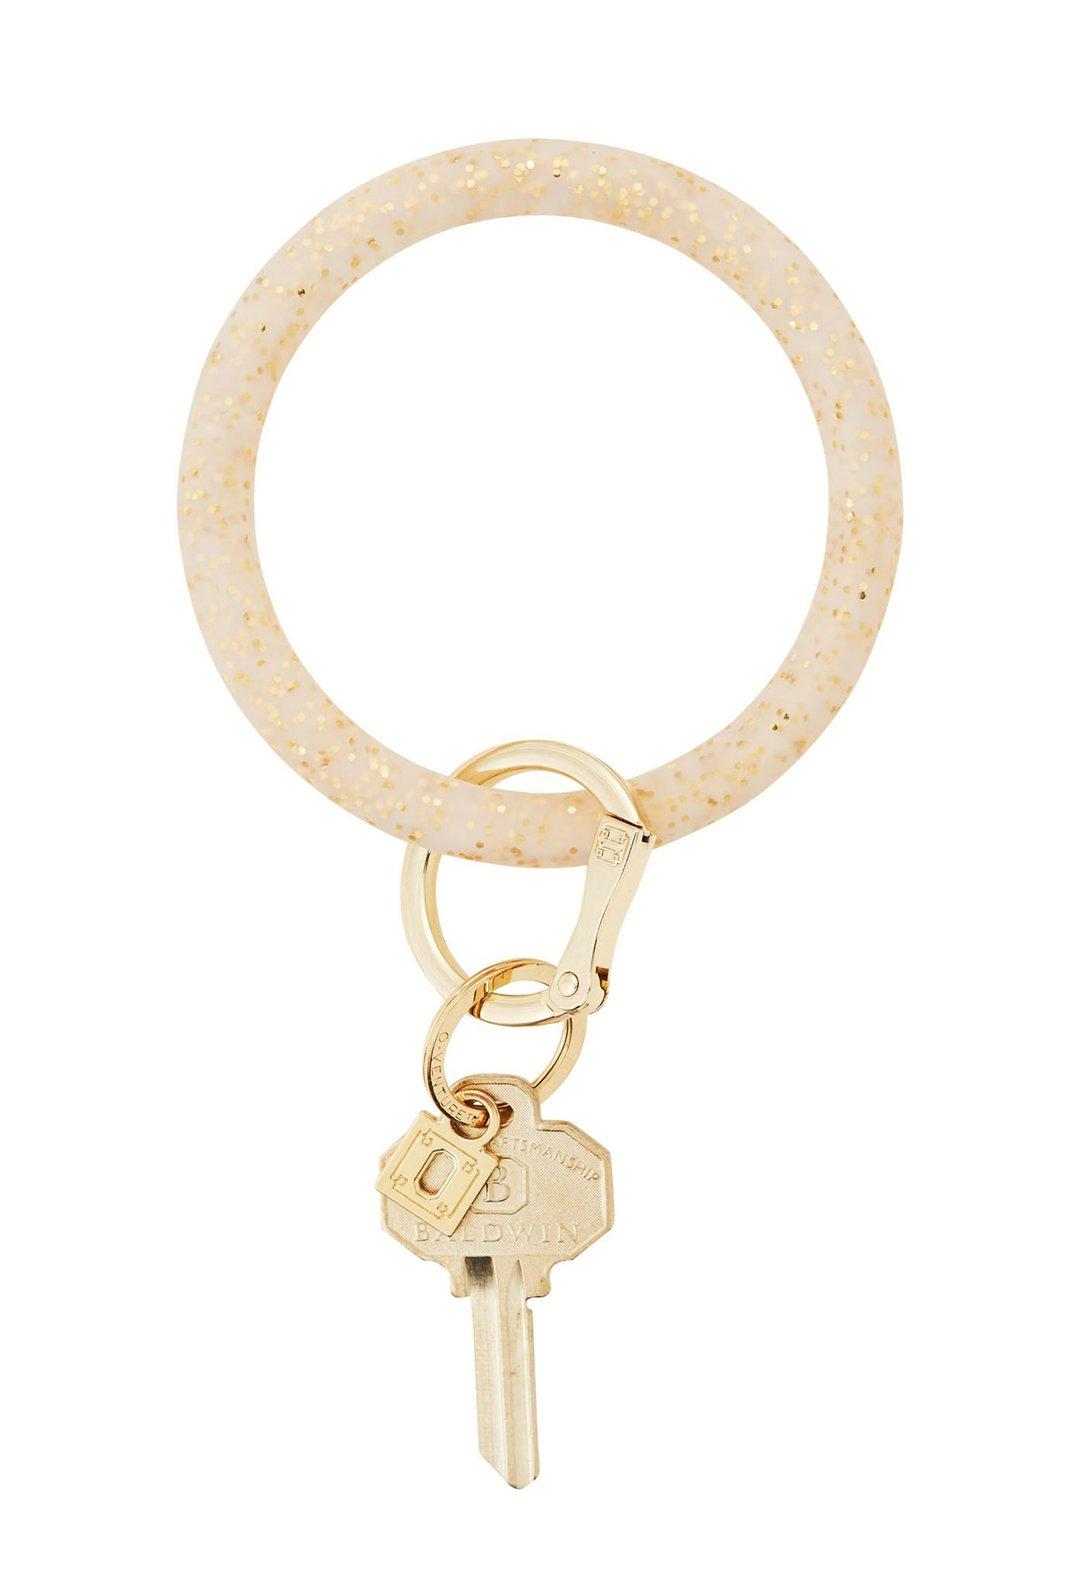 O-Venture-Silicone-Key-Ring-in-Gold-Confetti-1_1080x.jpg